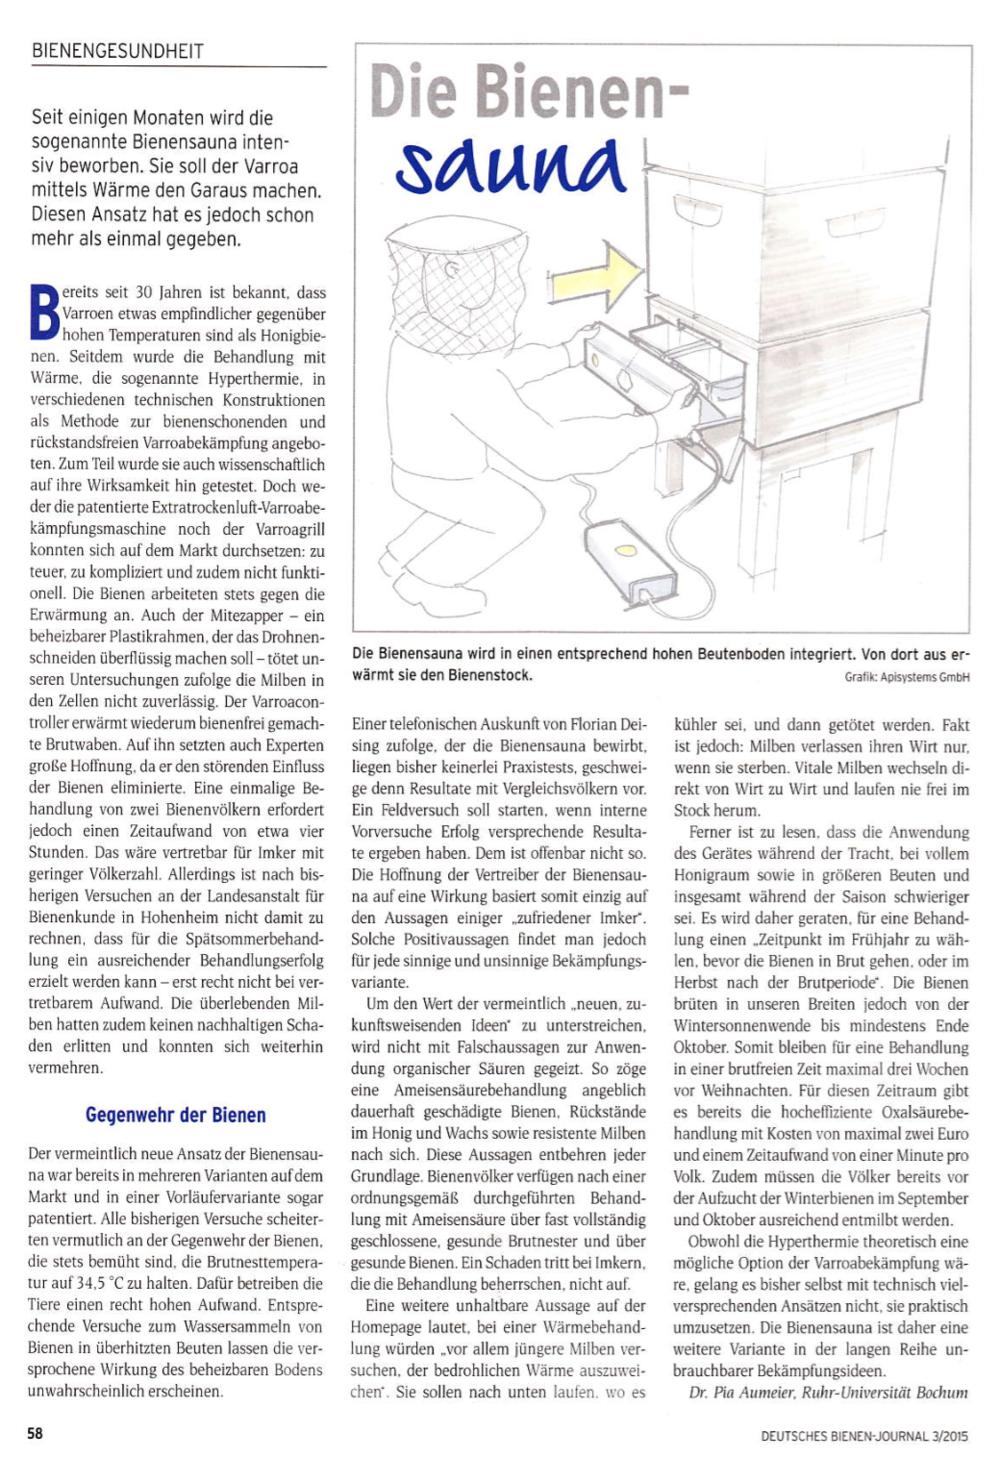 Auszug aus dem Bienenjournal. Bitte klicke einmal, um den Text gut lesen zu können.